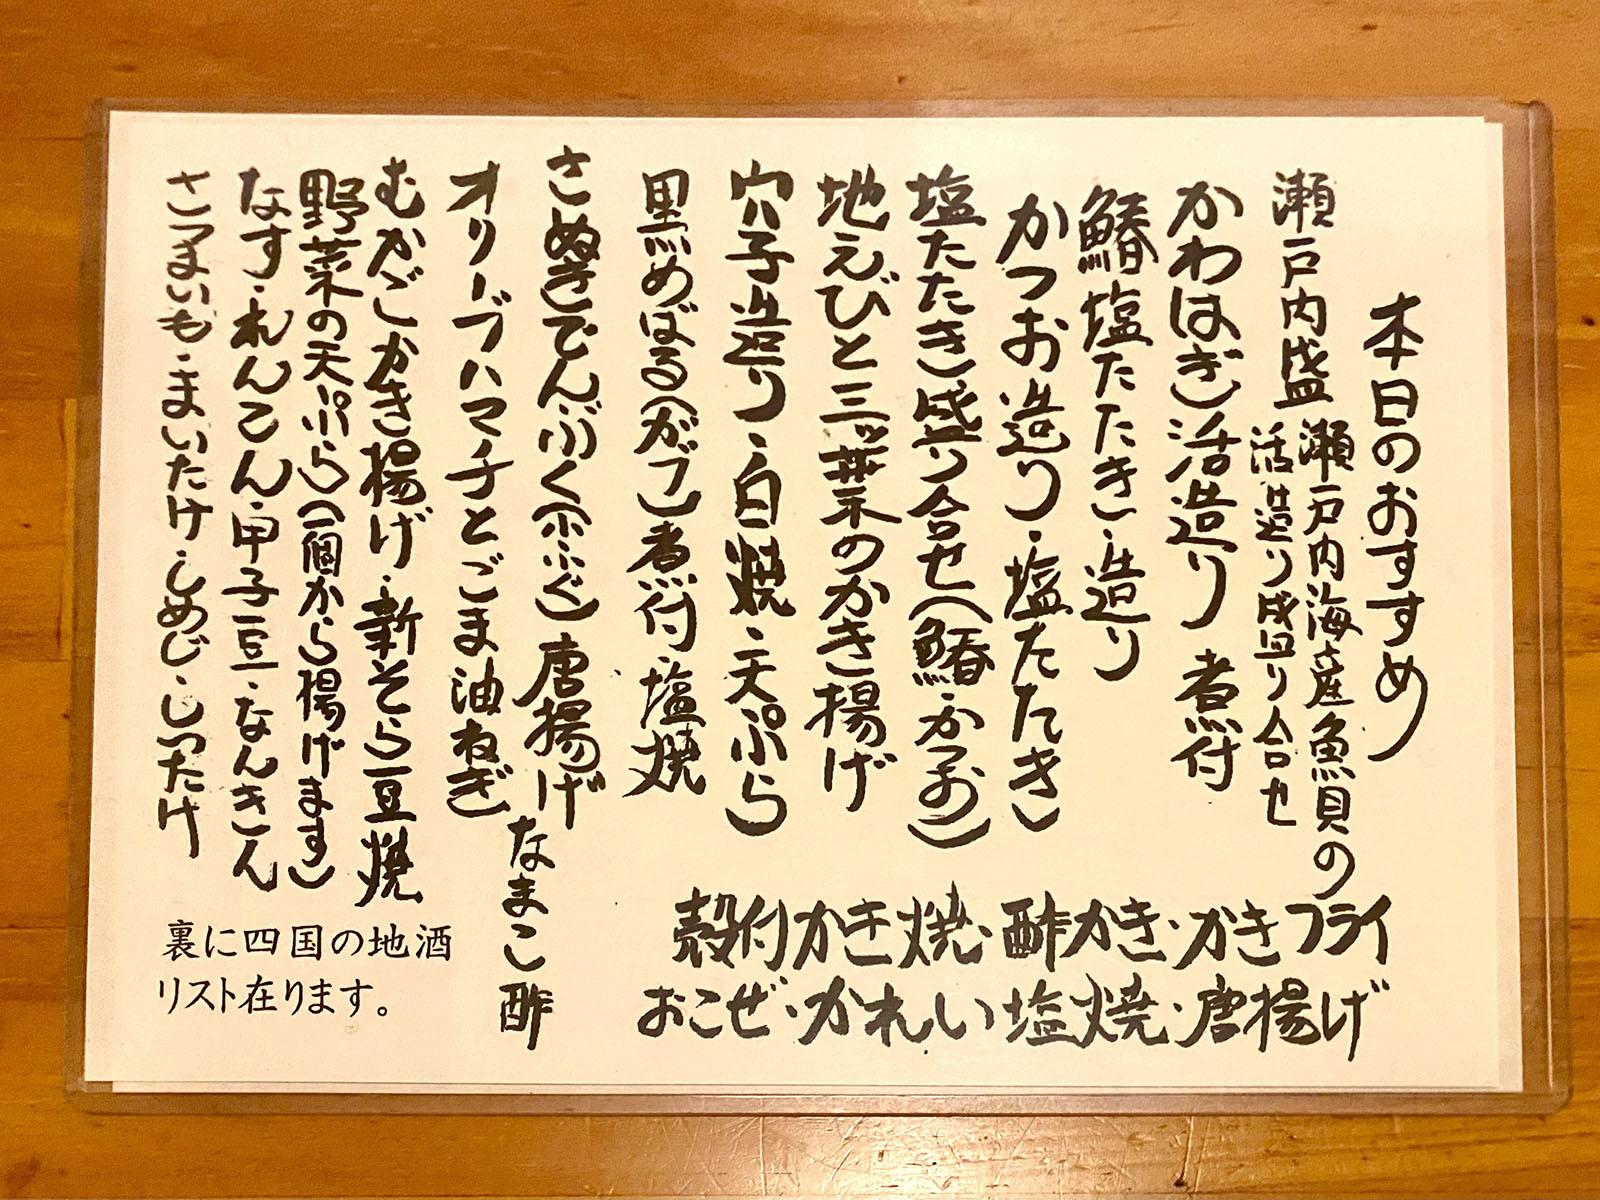 魚市場小松03 メニュー 本日のおすす